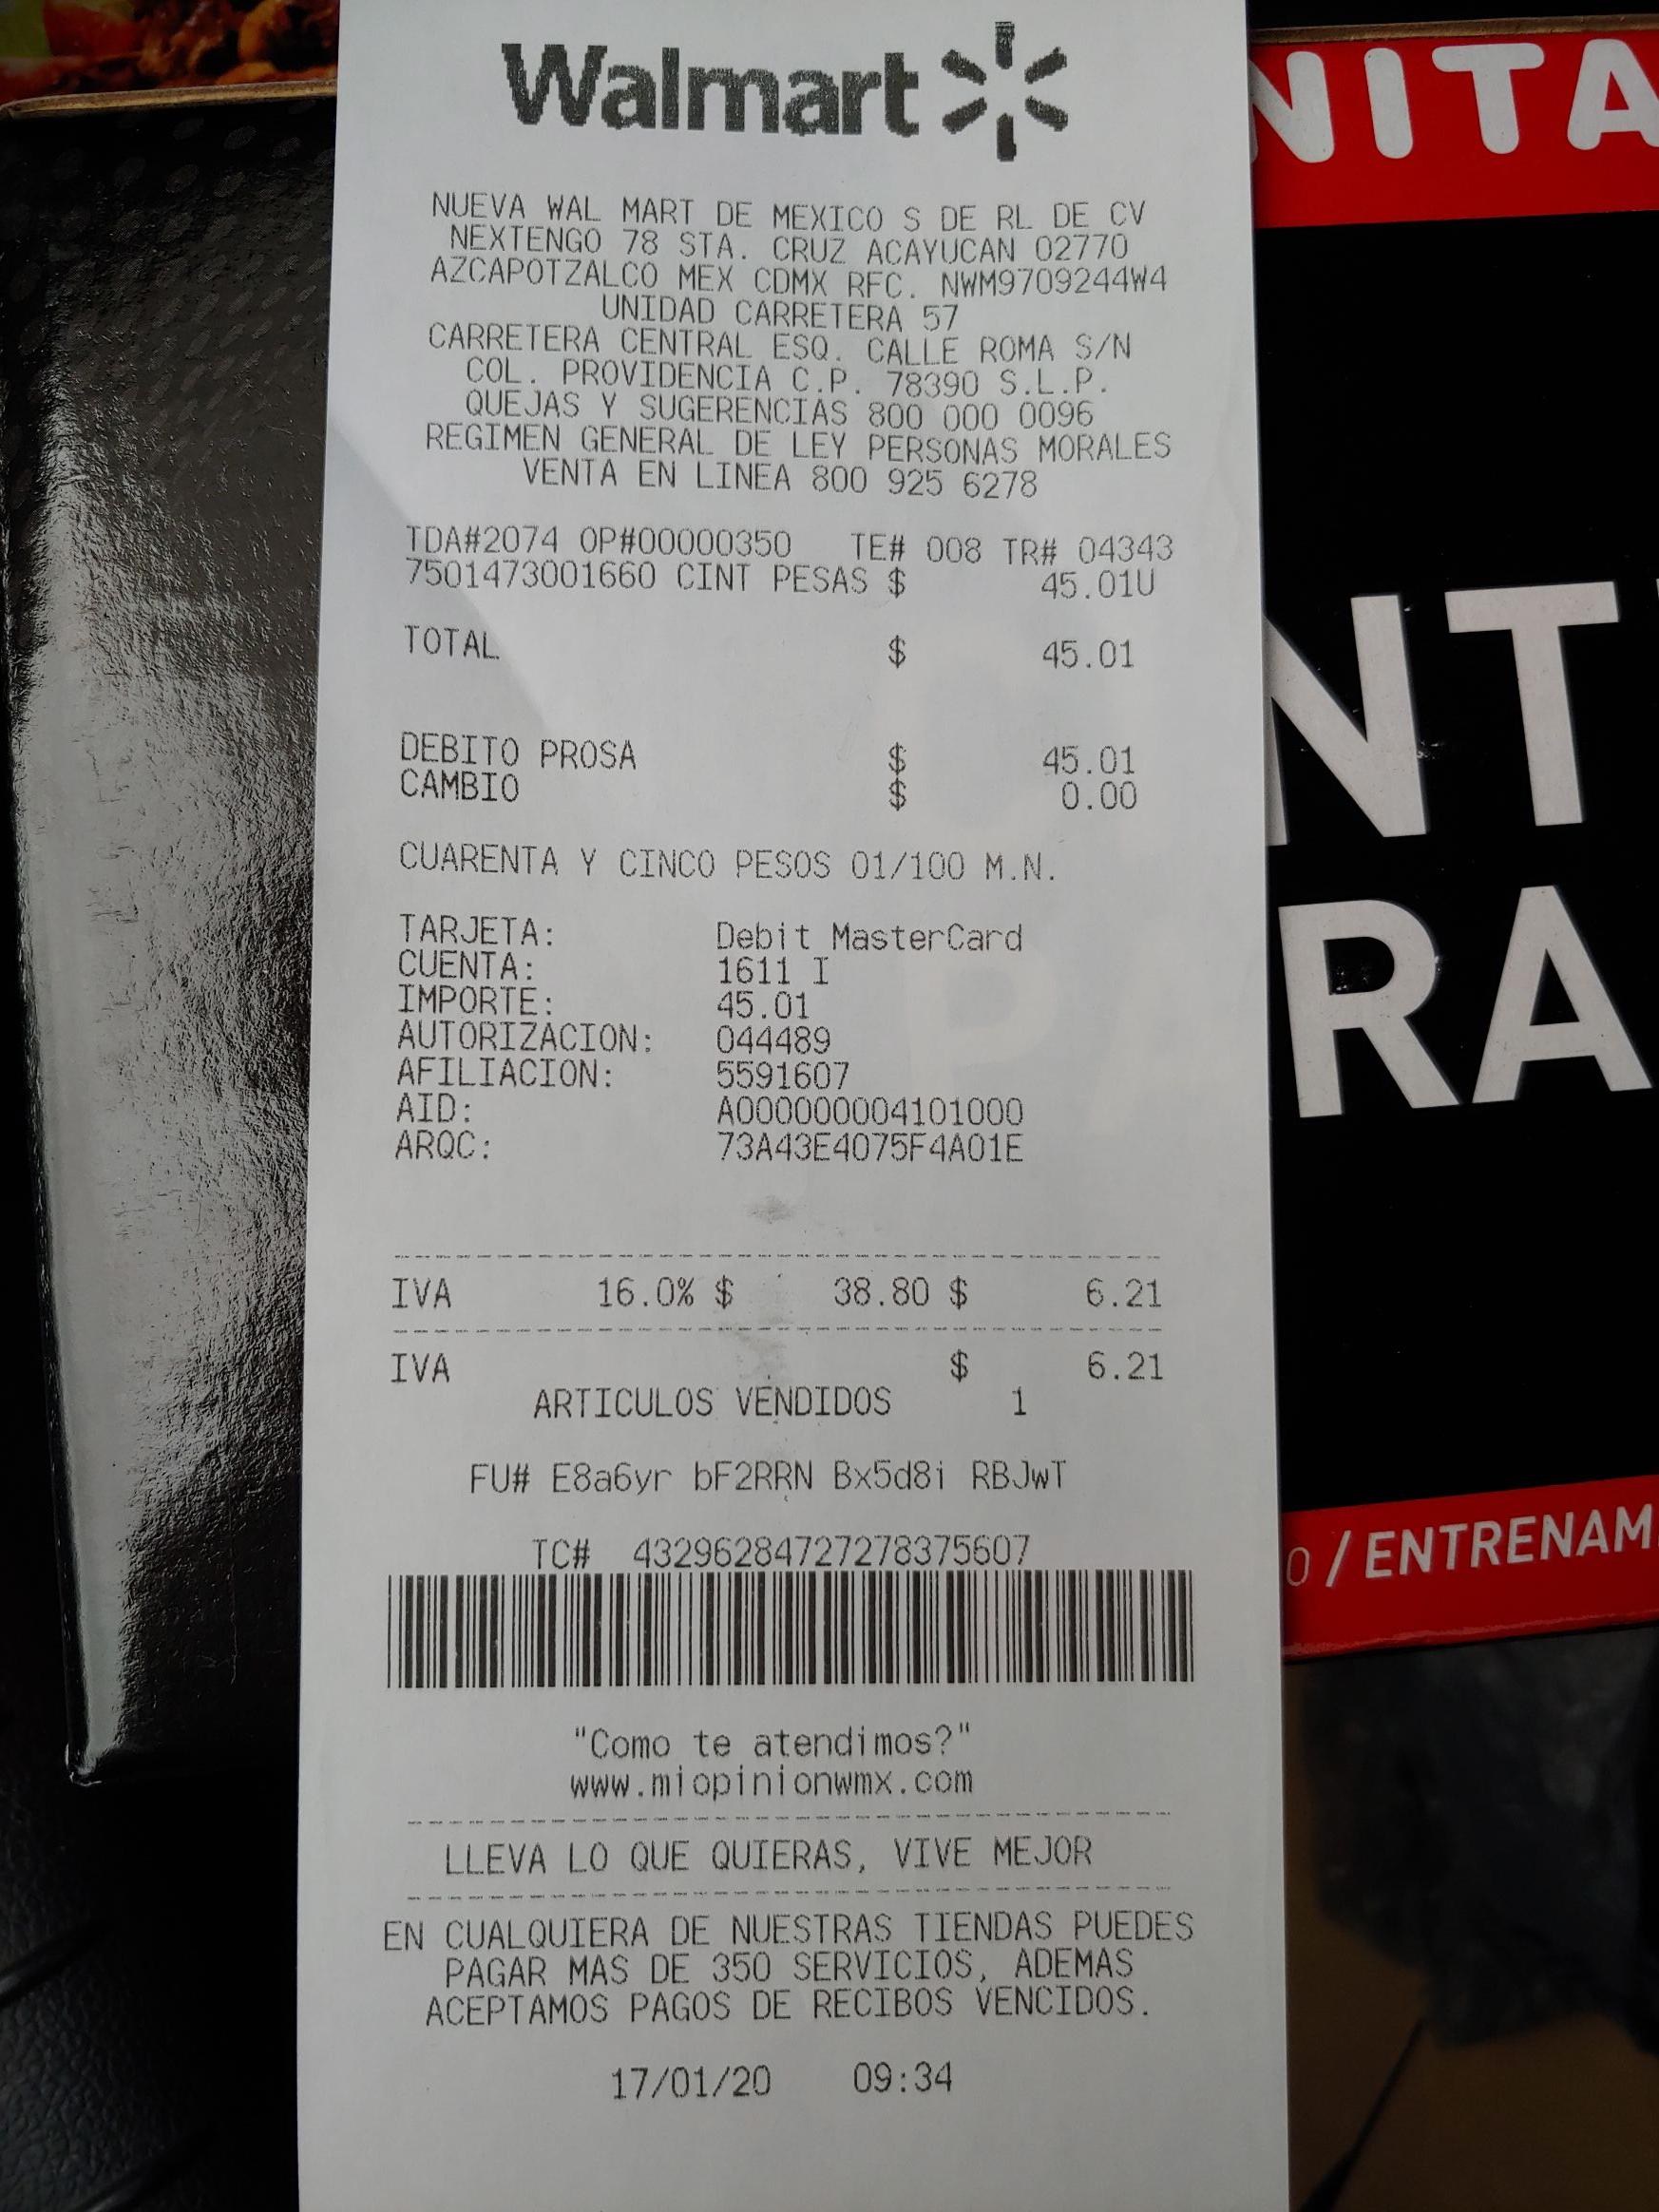 Walmart: Cinturón para pesas liquidación.